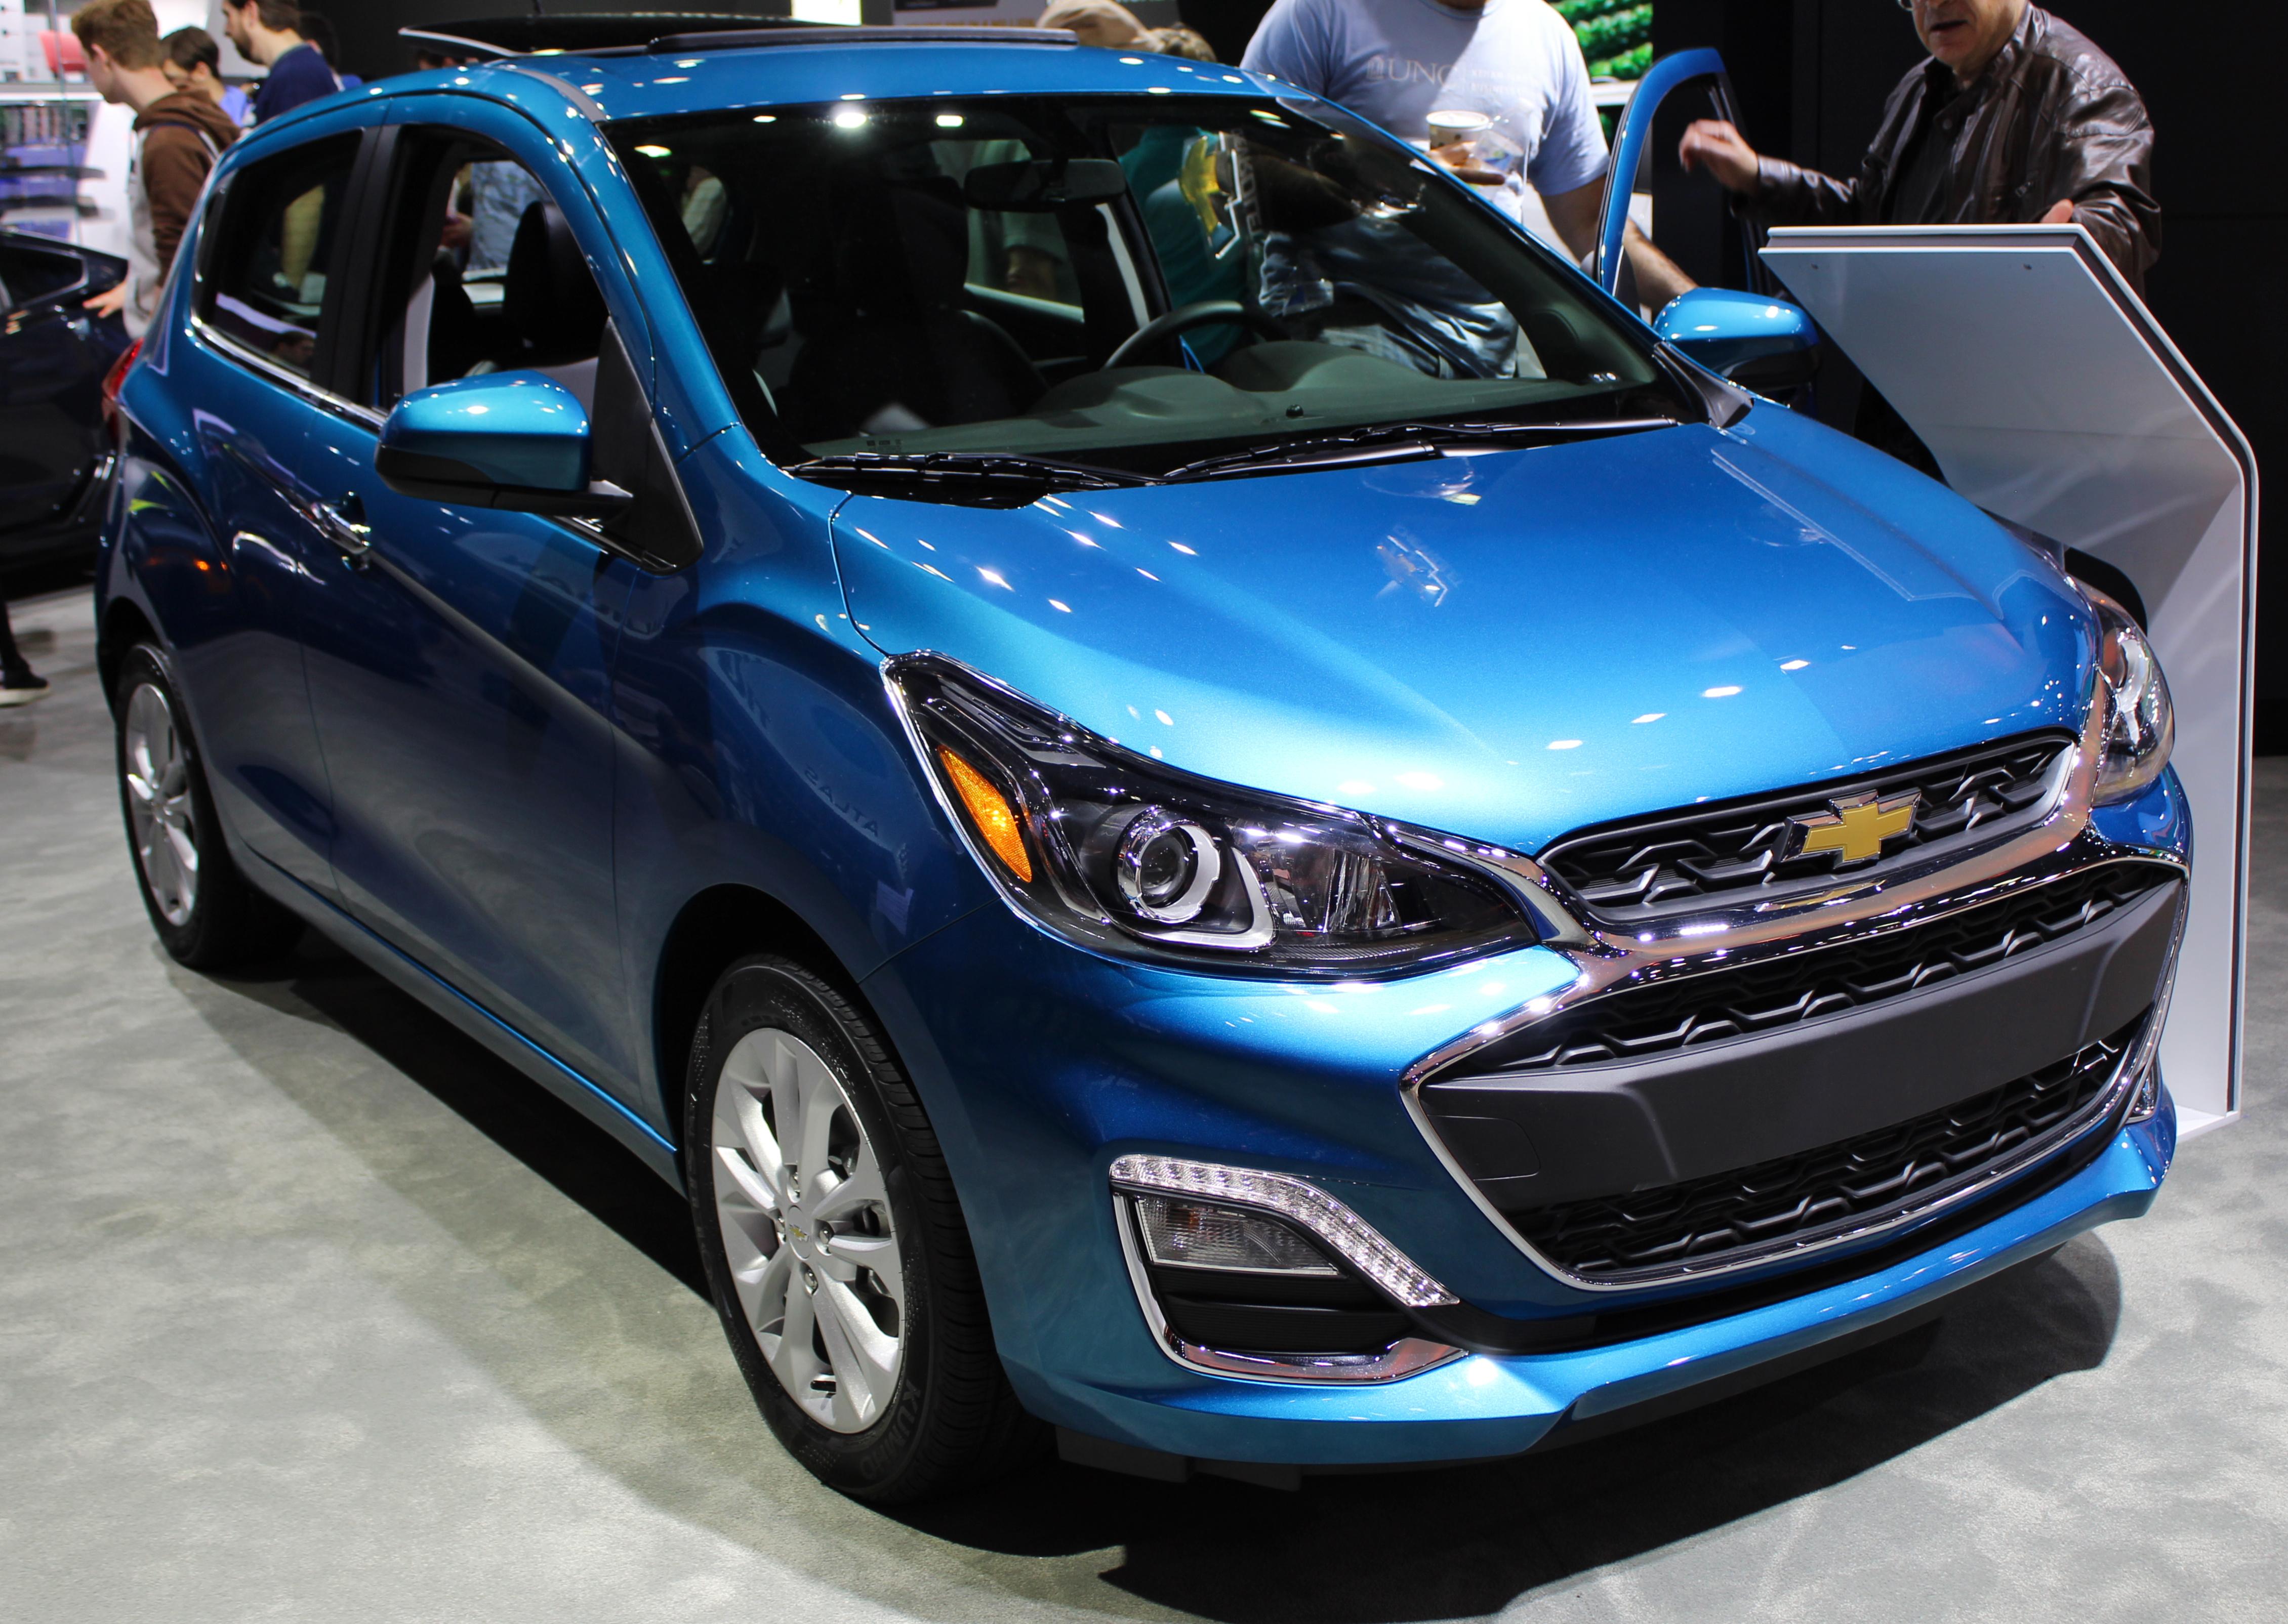 Kelebihan Spark Chevrolet 2019 Murah Berkualitas